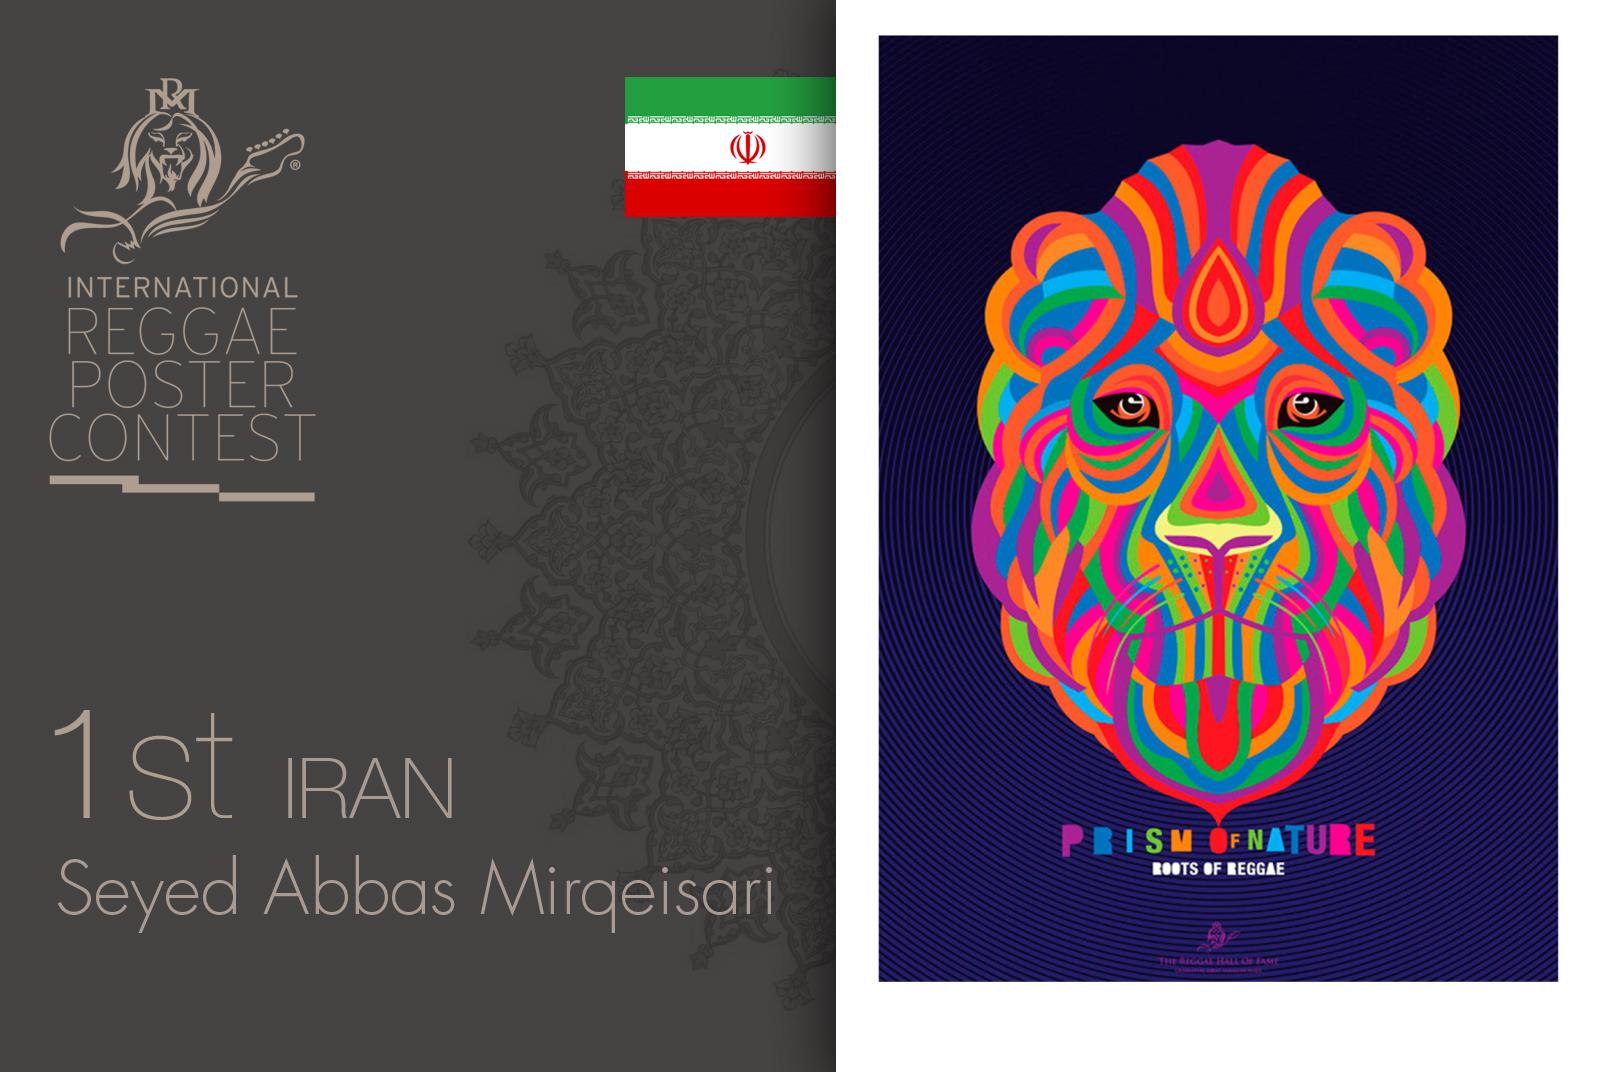 1ST-IRAN